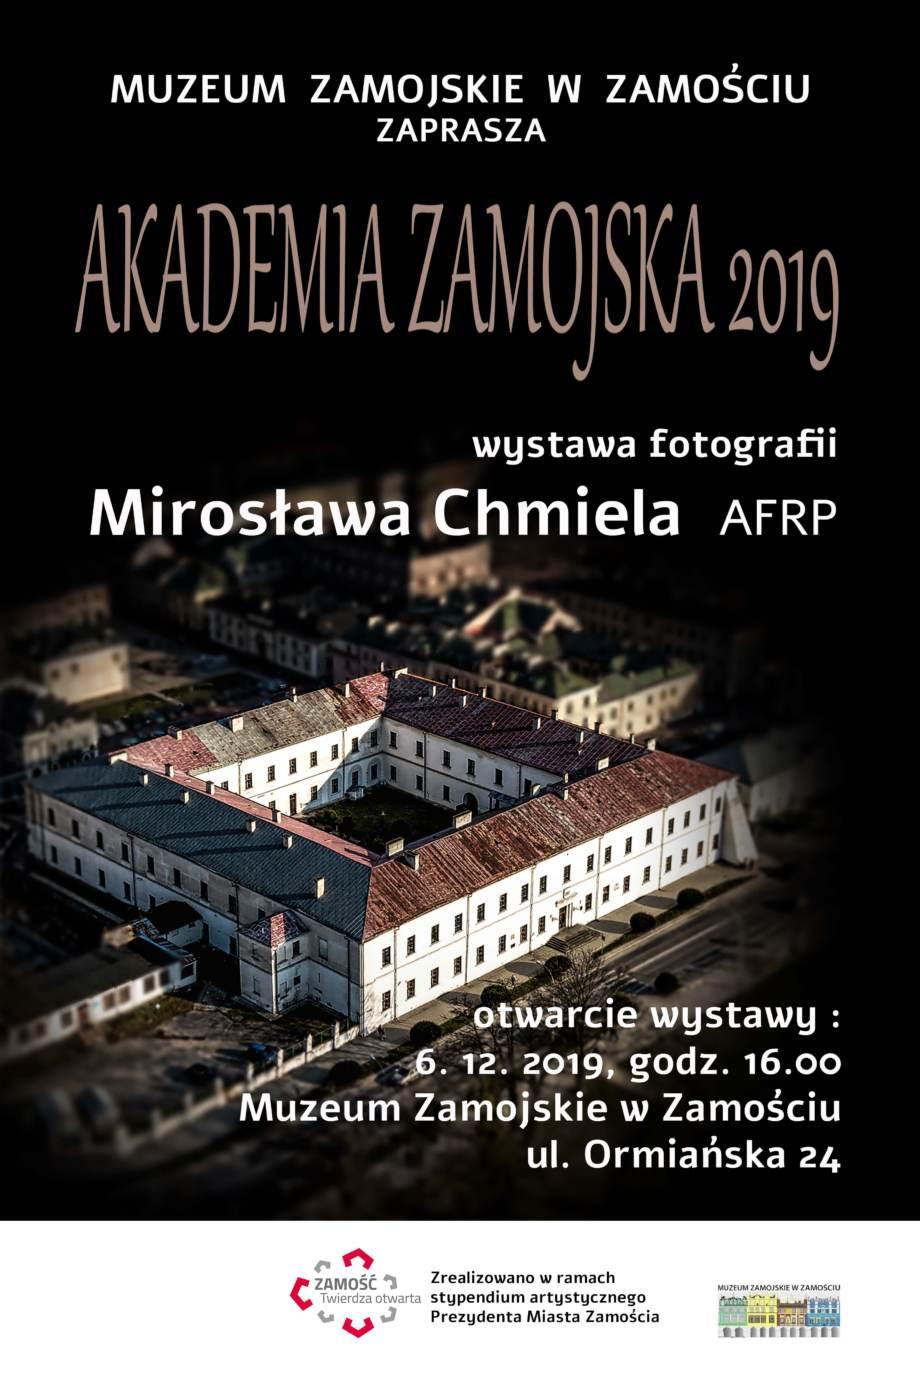 plakat got popraw Akademia Zamojska - otwarcie wystawy